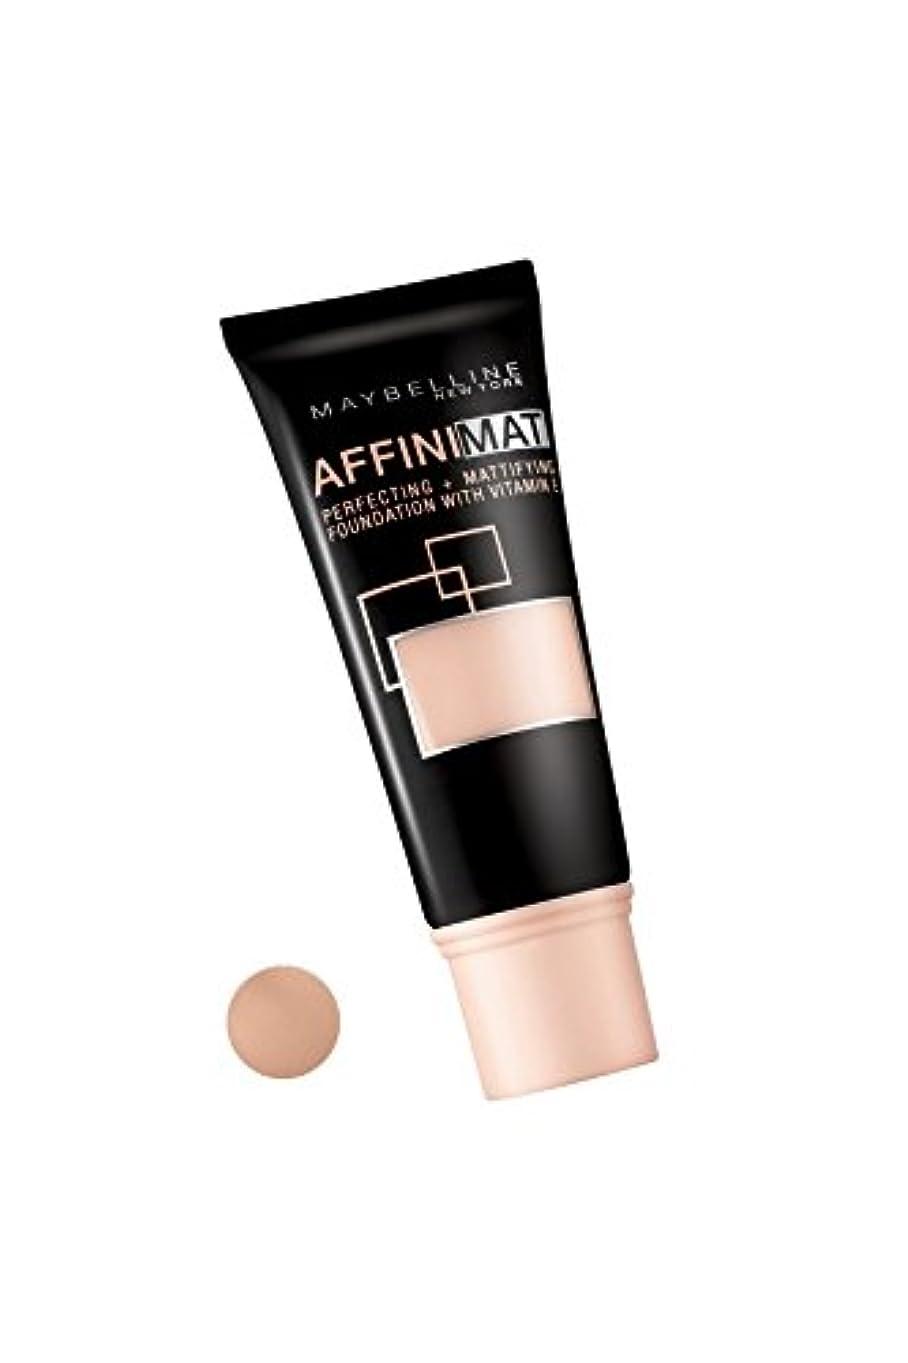 物理的に冗談で救出Maybelline Affinimat Perfecting + Mattifying Foundation - 42 Dark Beige